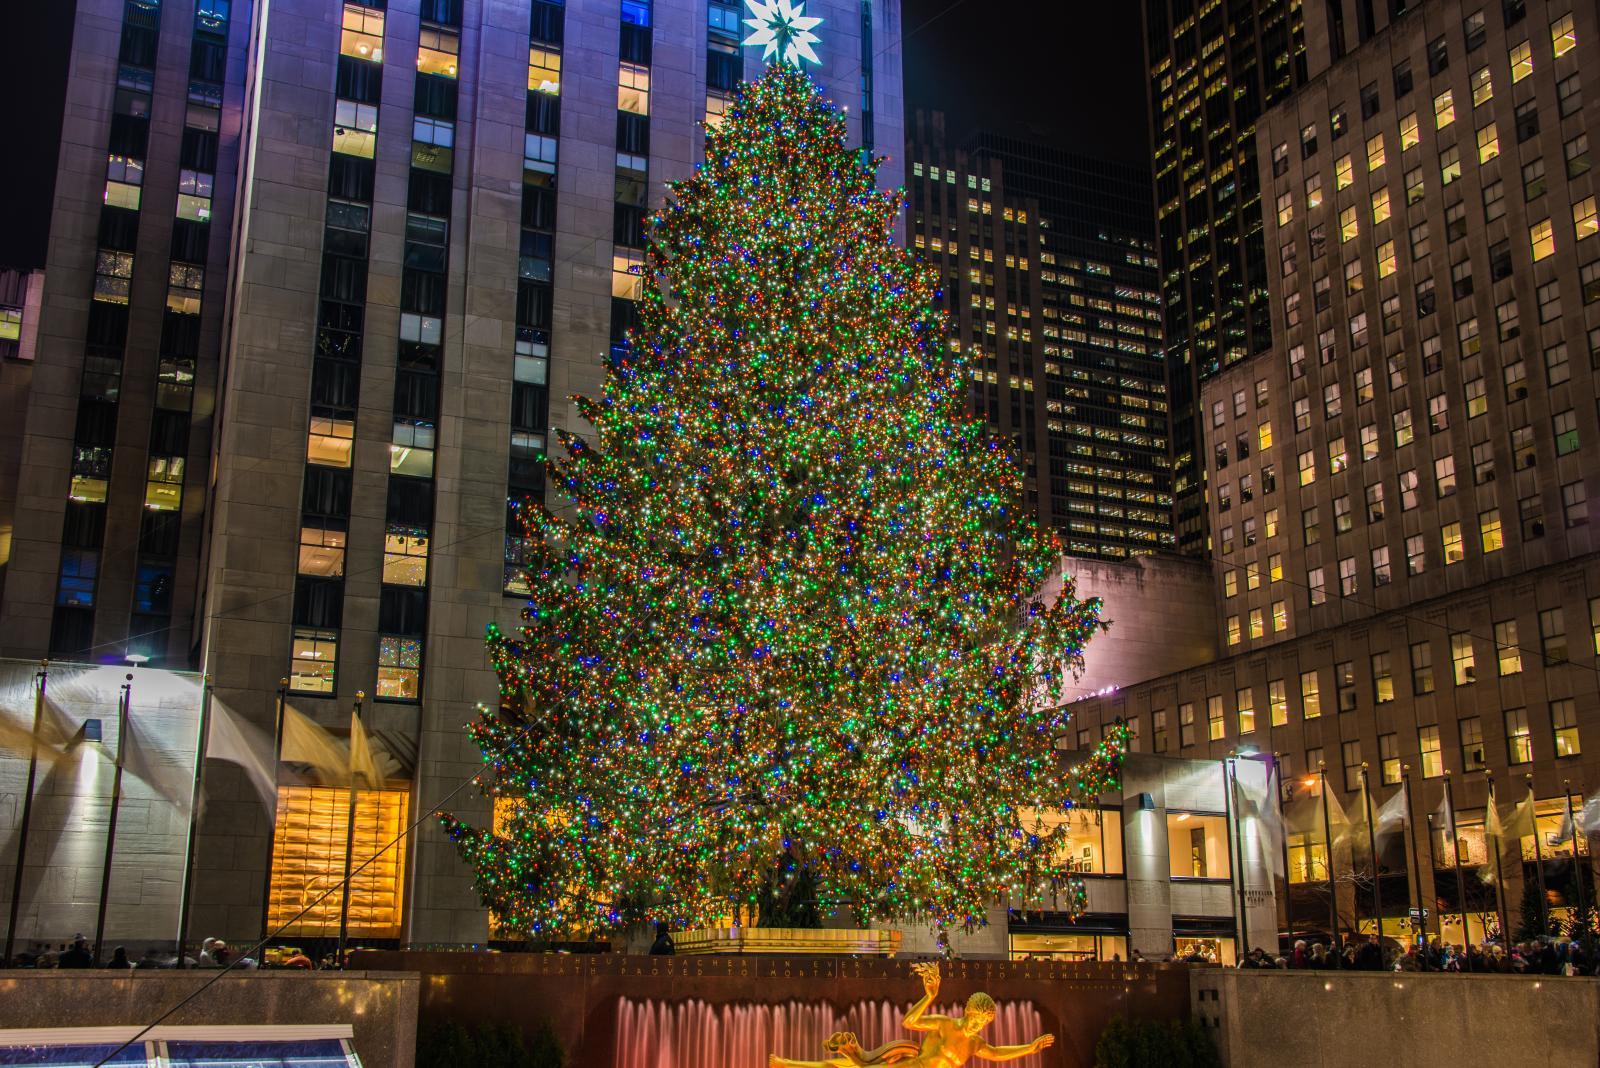 Encendido del árbol de Navidad del Rockefeller Center en noviembre en Nueva York